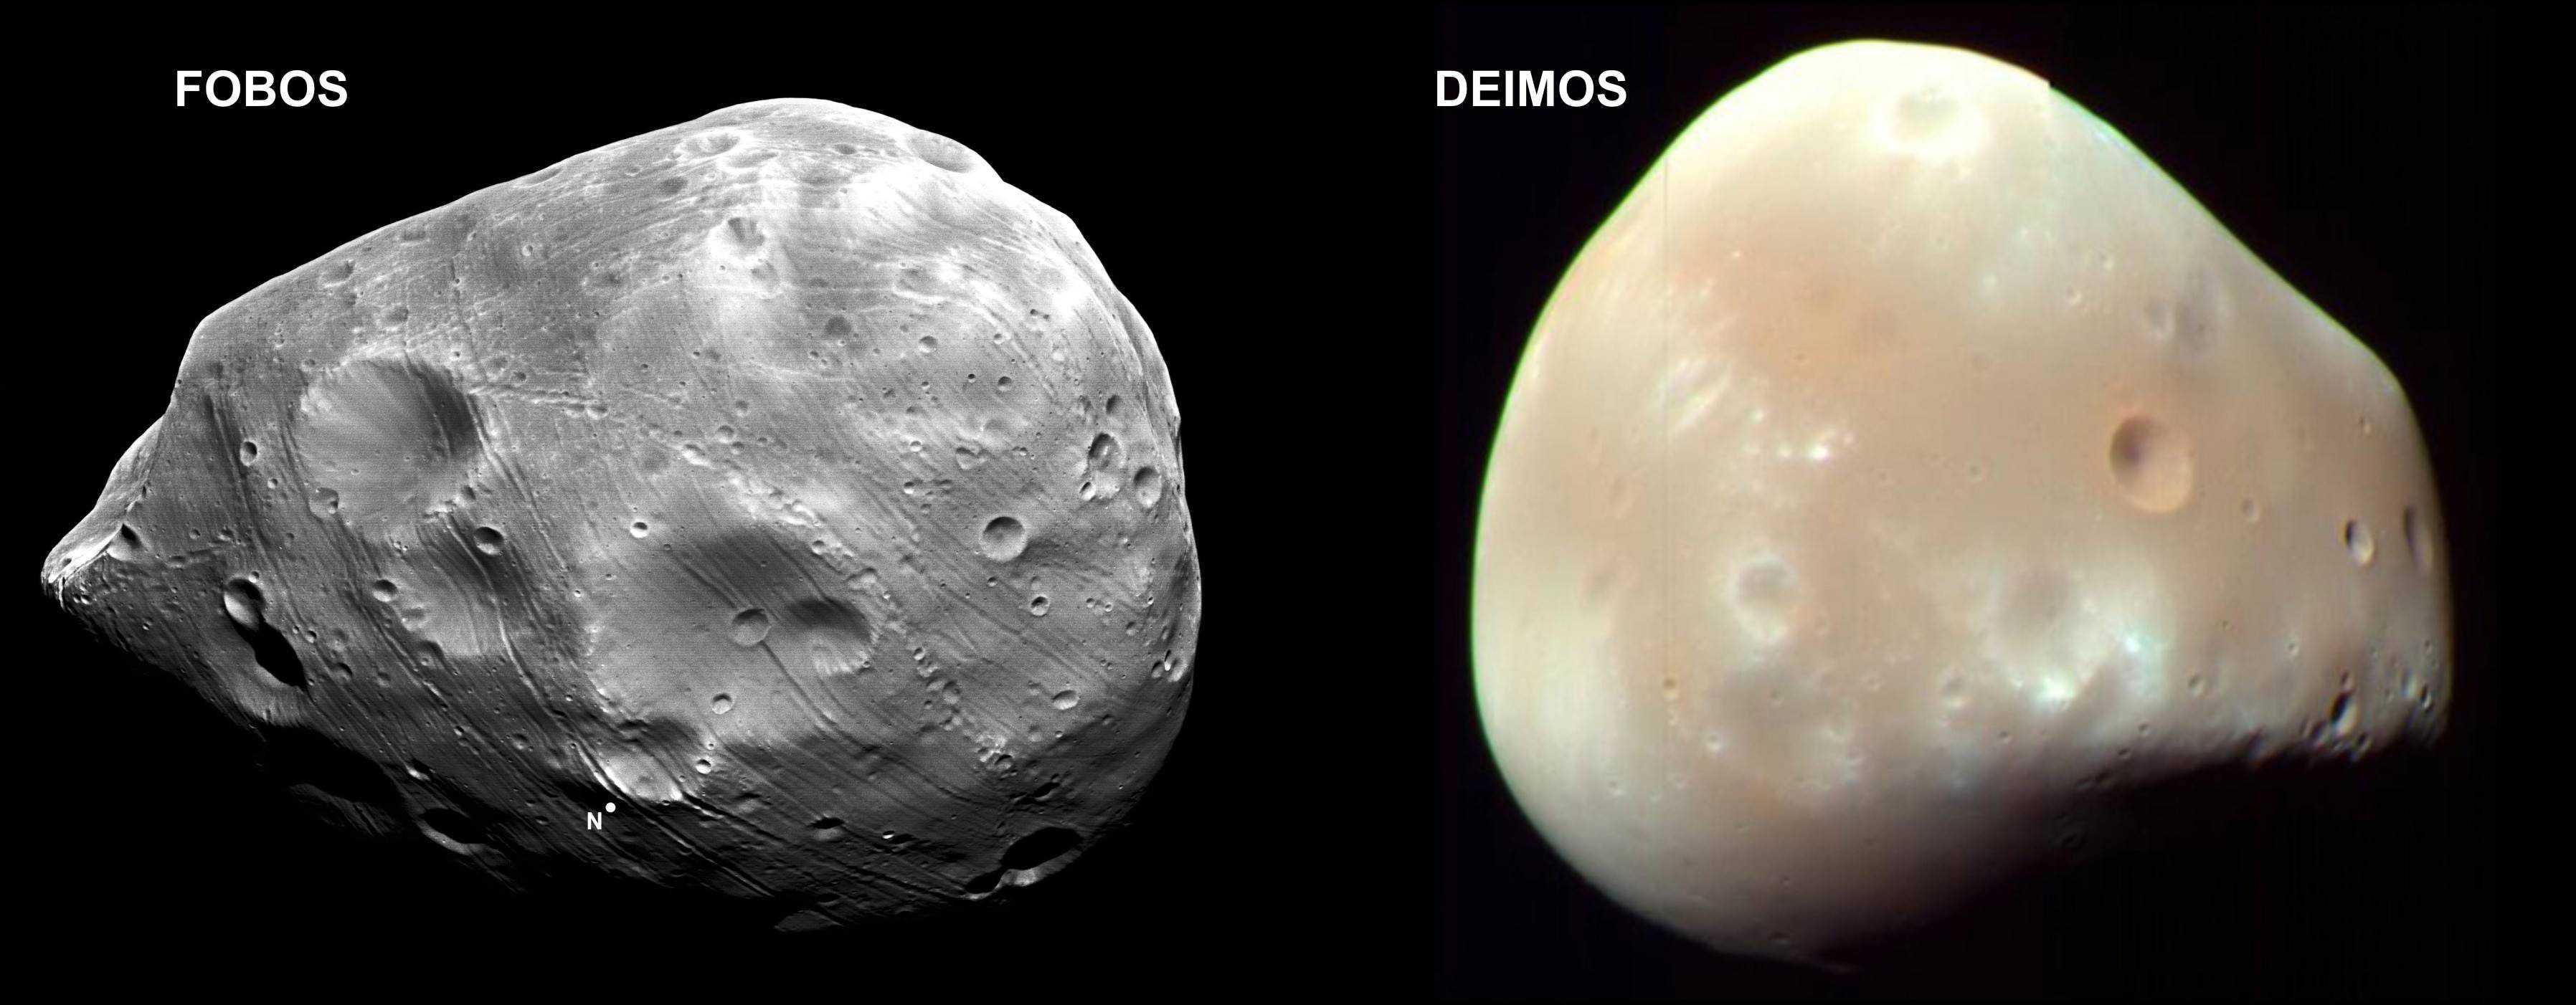 20170820 odette289135 id131105 fobos y deimos marte mn2 ind - La fuerza de Marte en la carta natal - hermandadblanca.org